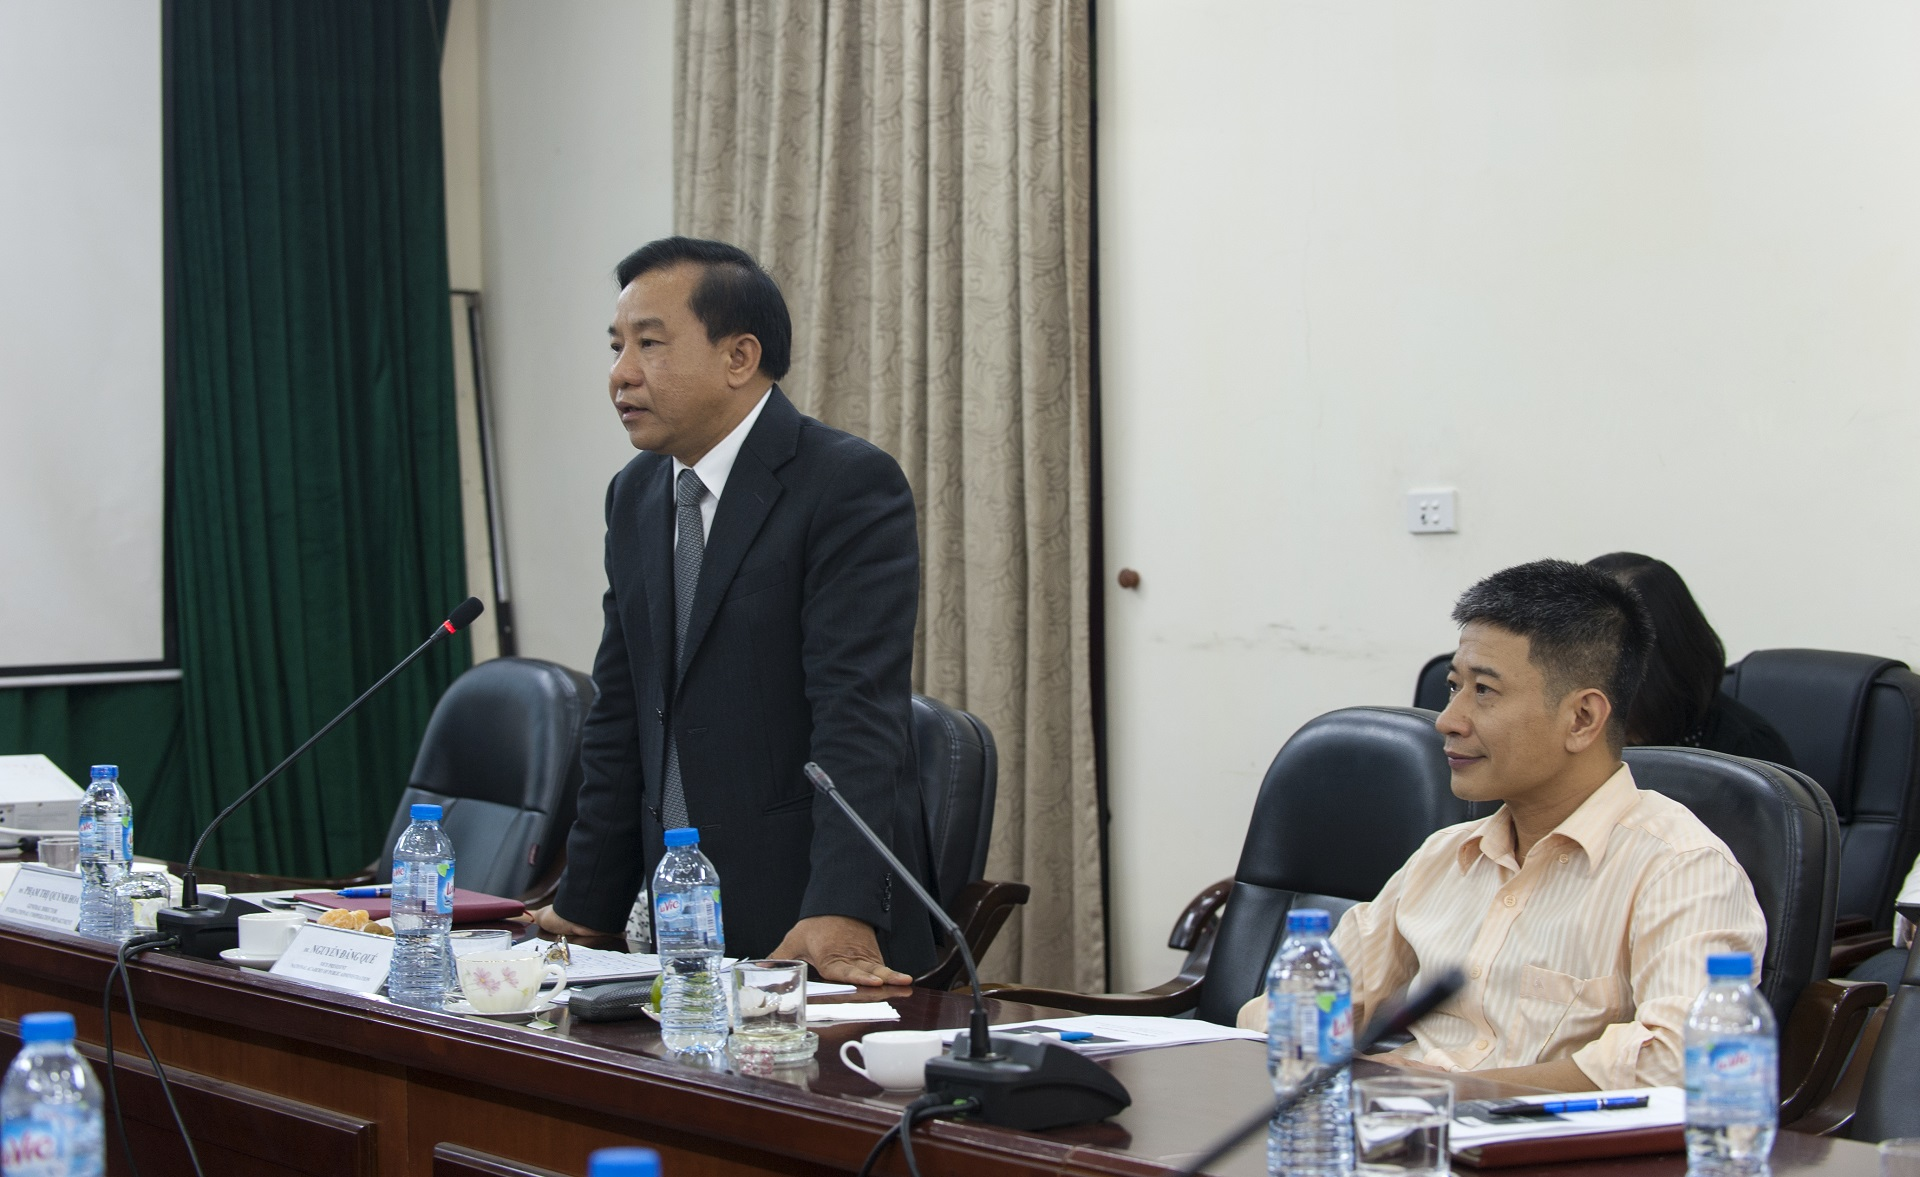 TS. Nguyễn Đăng Quế, Phó Giám đốc Học viện Hành chính Quốc gia trao đổi trong buổi tọa đàm